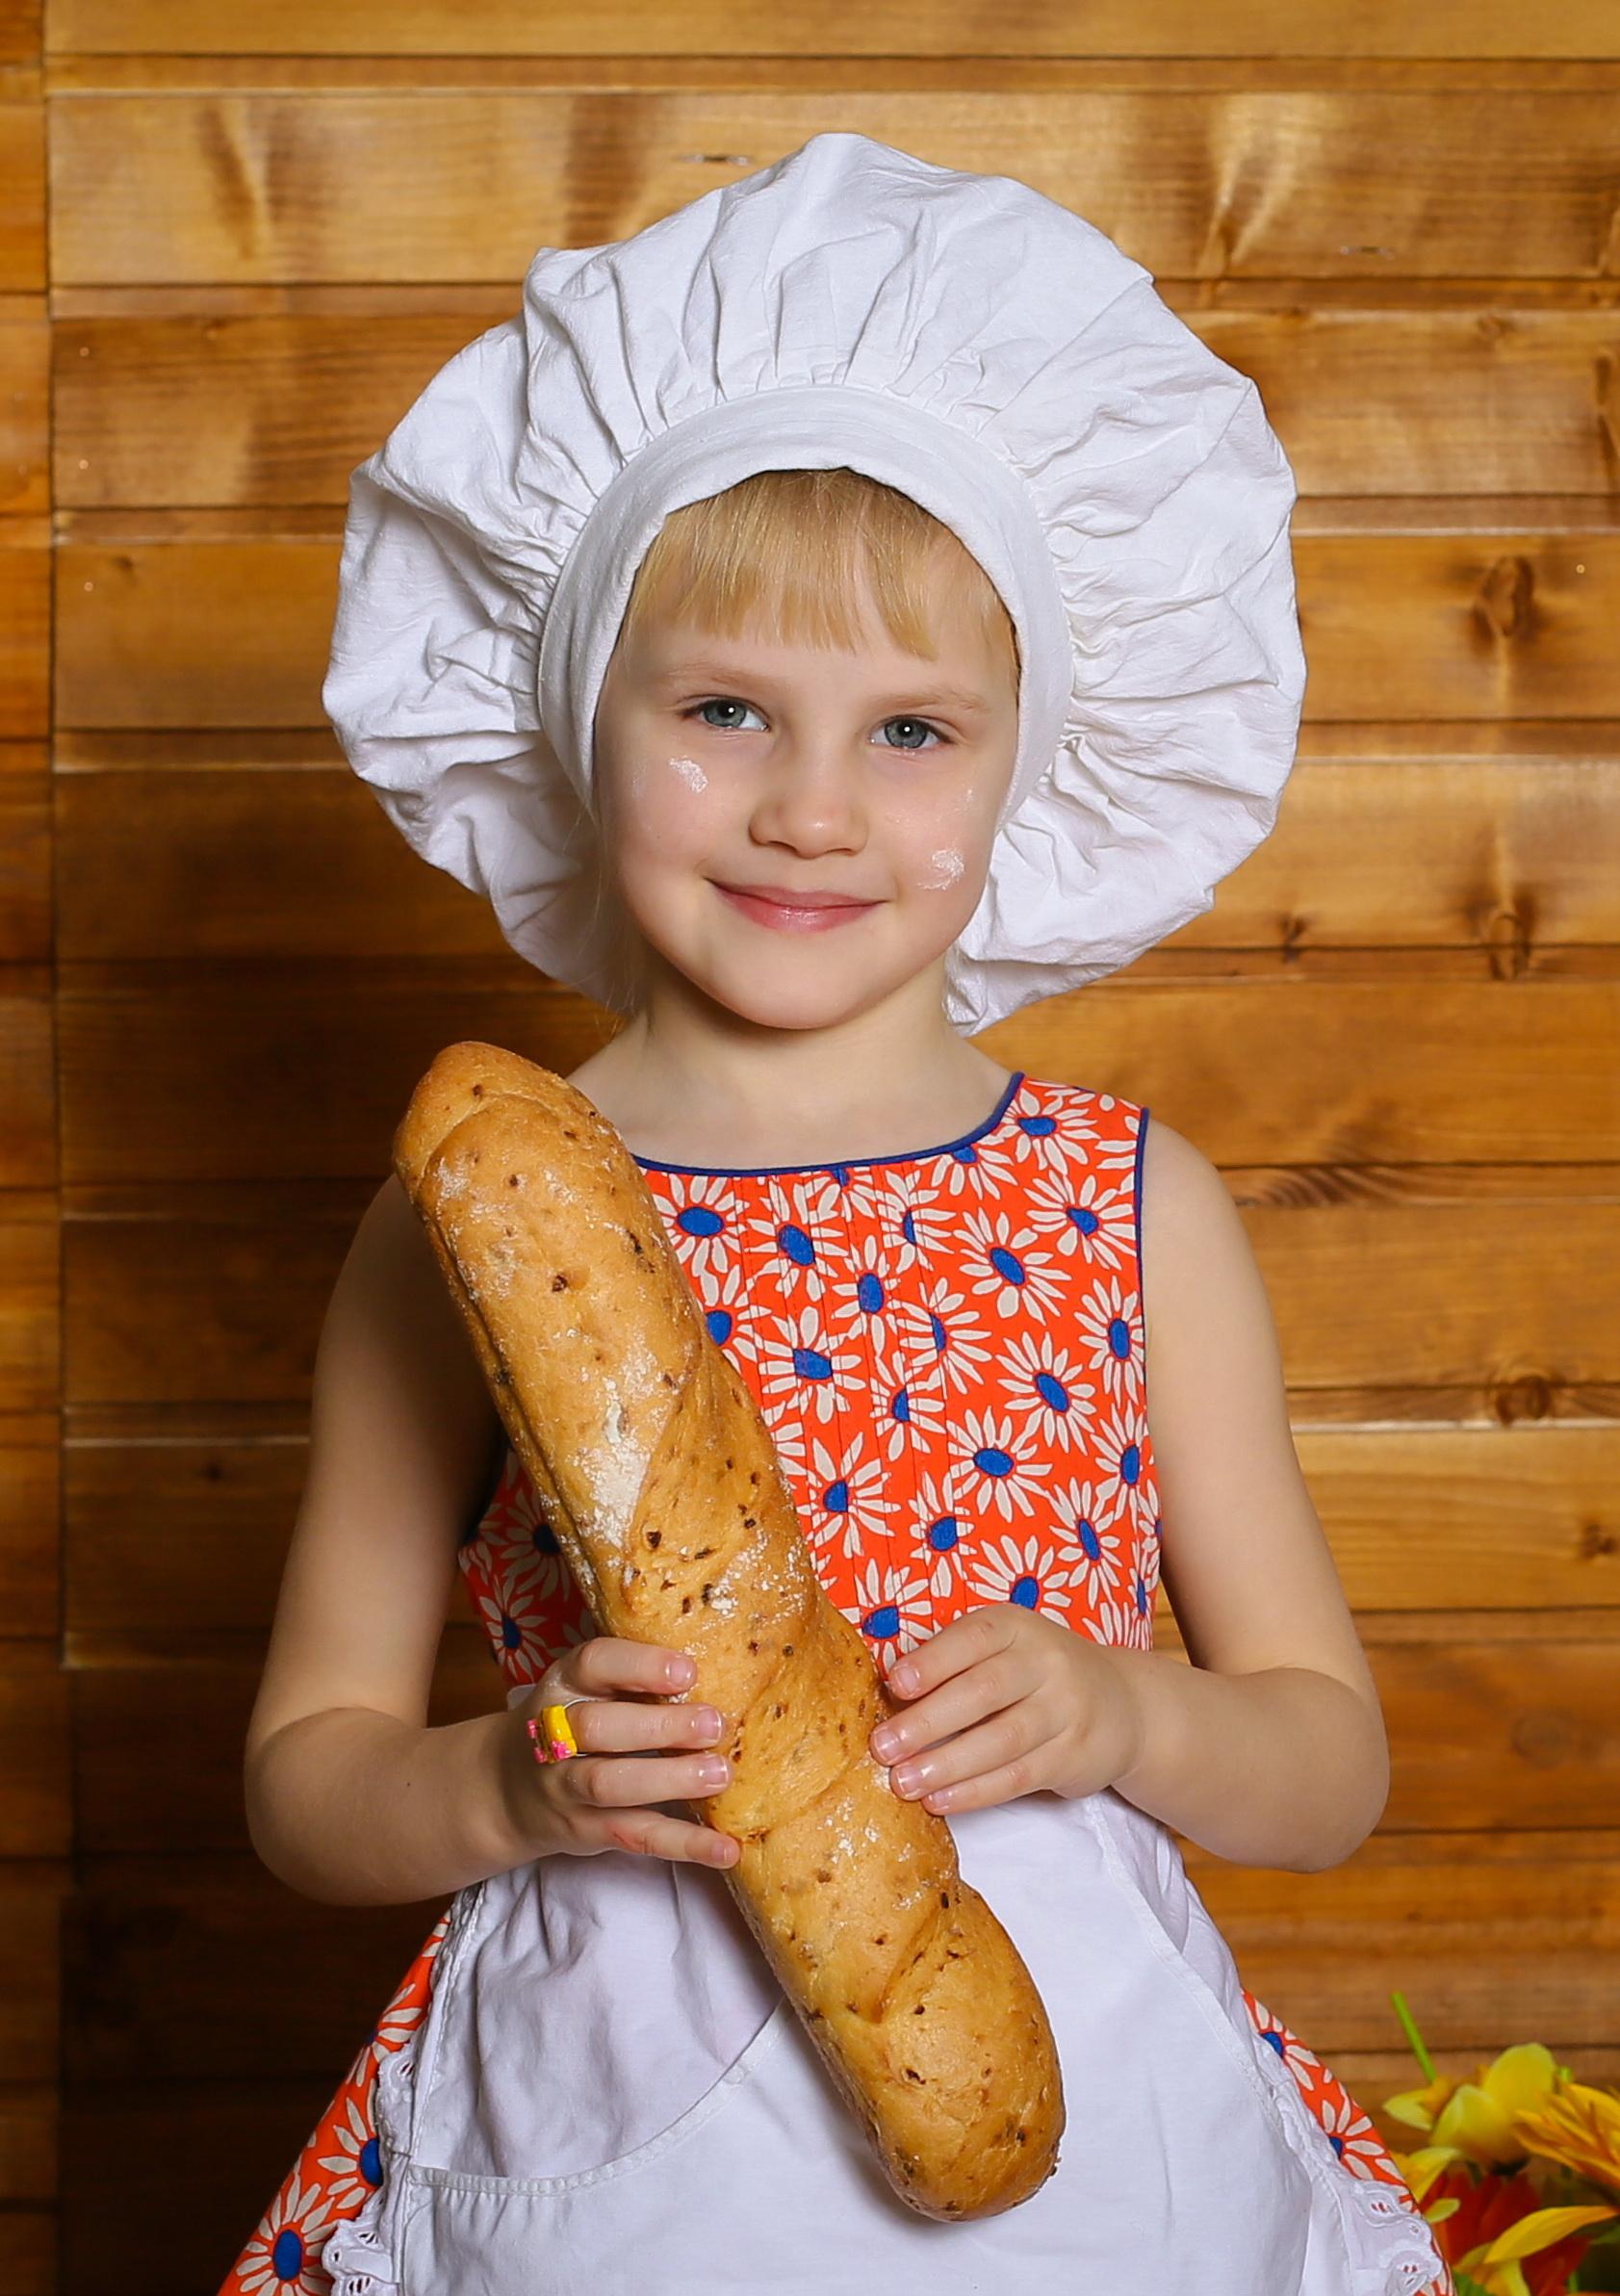 Свежая выпечка от самого красивого пекаря. Маленькие поварята